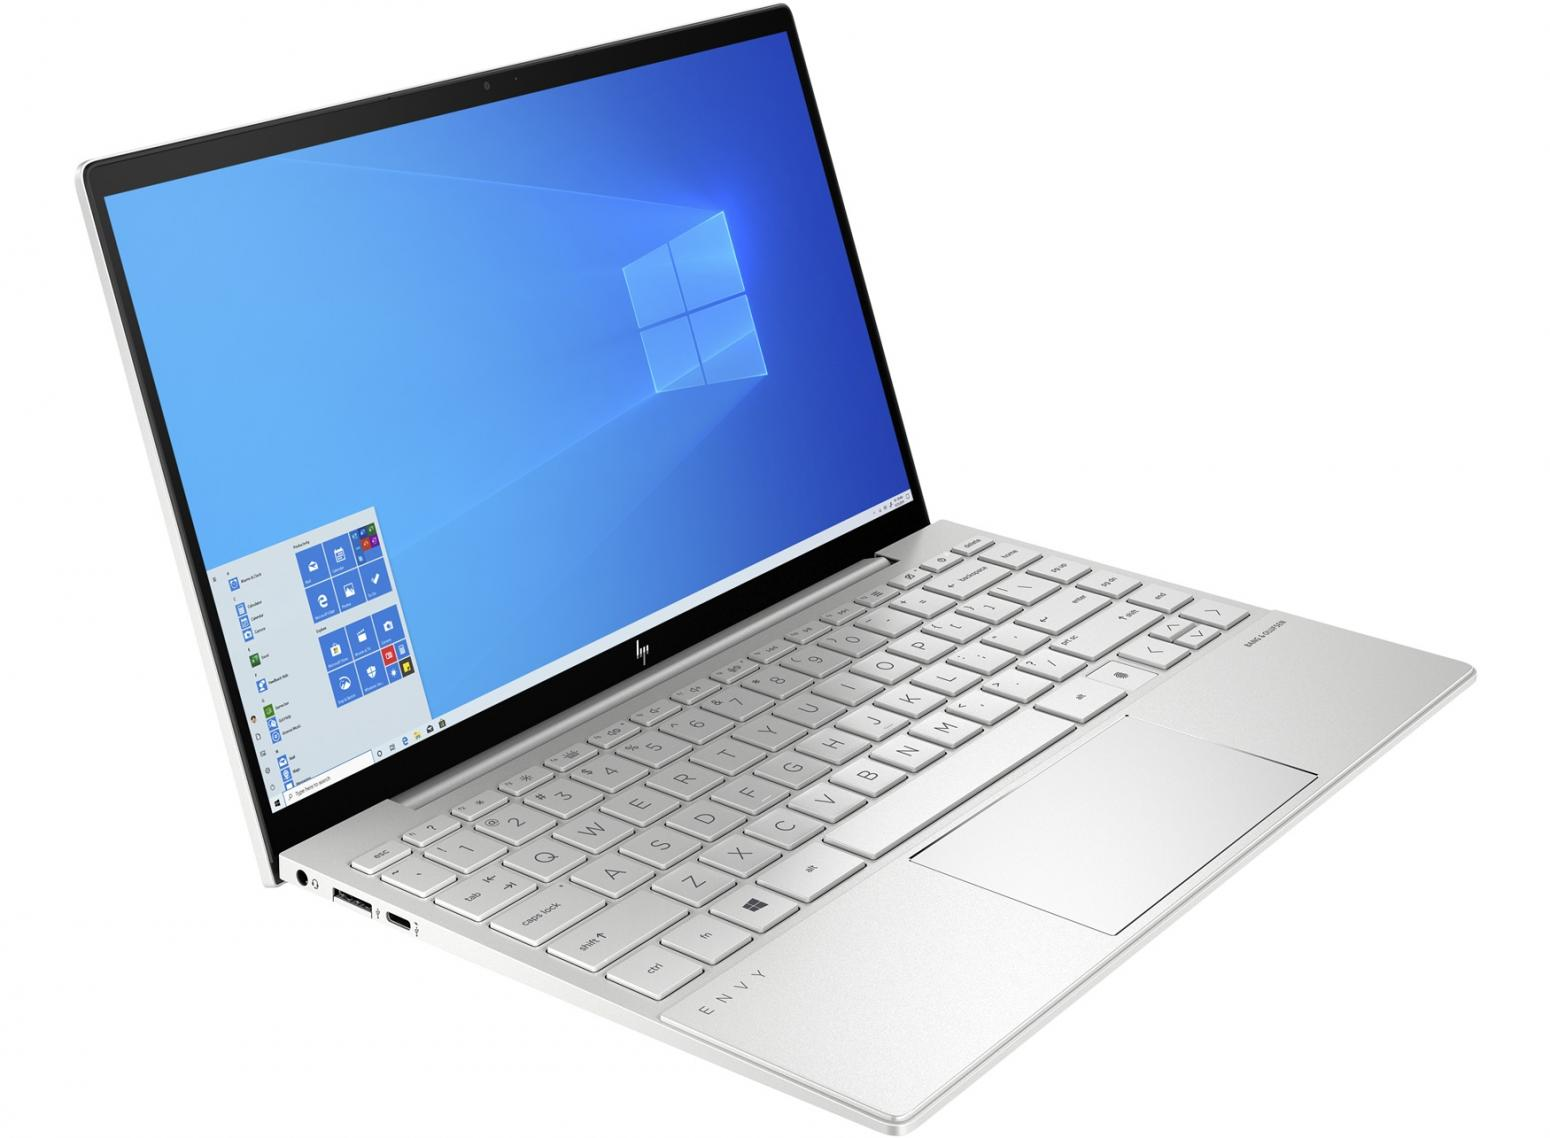 Ordinateur portable HP Envy 13-ba0018nf Argent - MX350 - photo 2